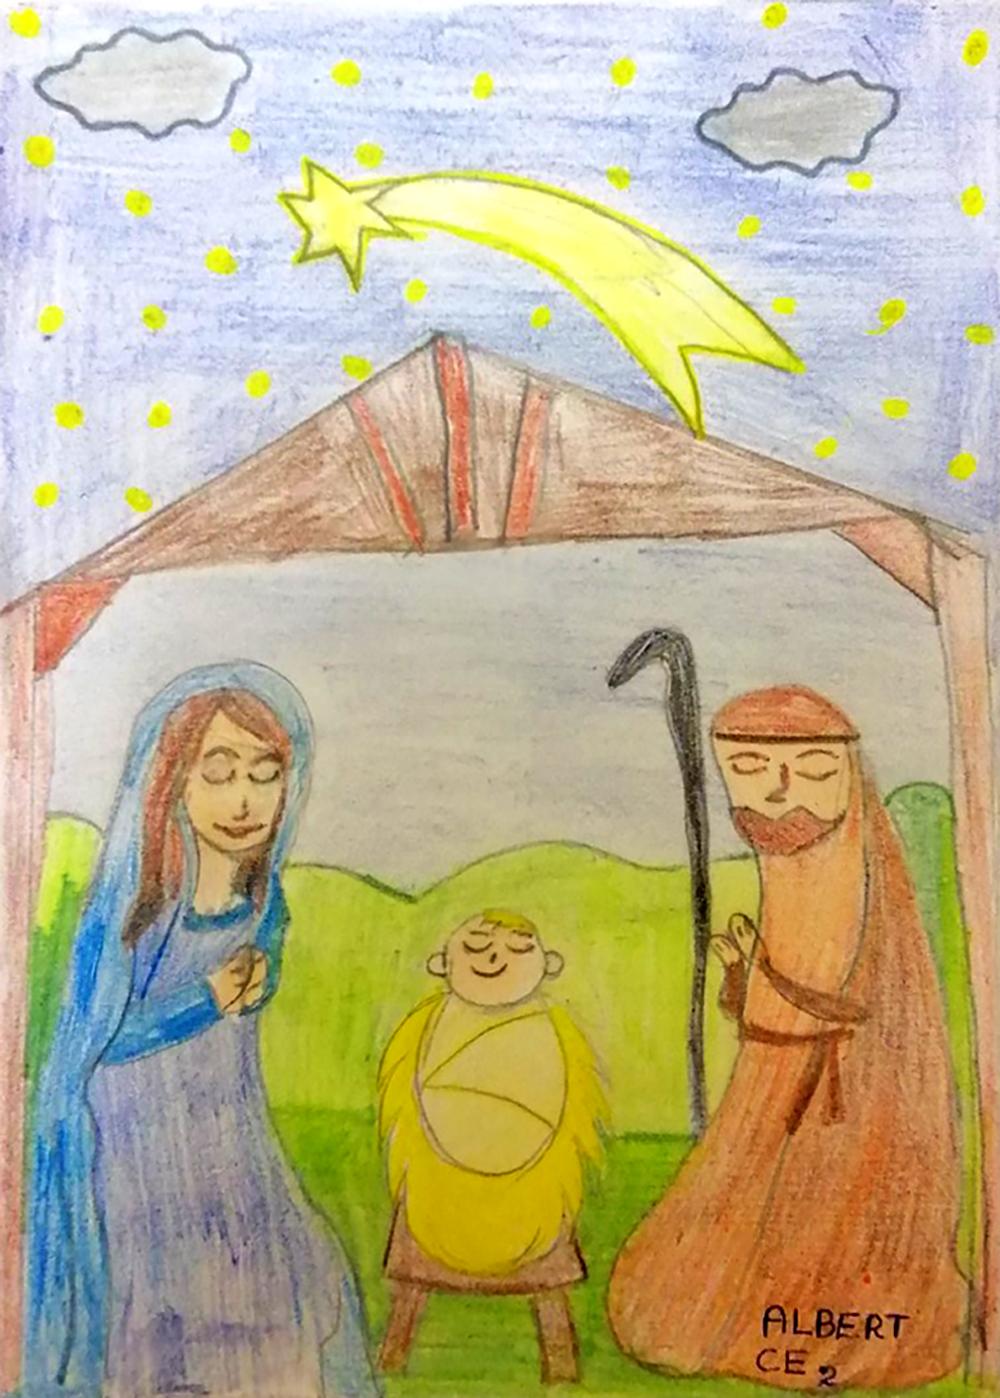 Albert, Nativité, décembre 2020.